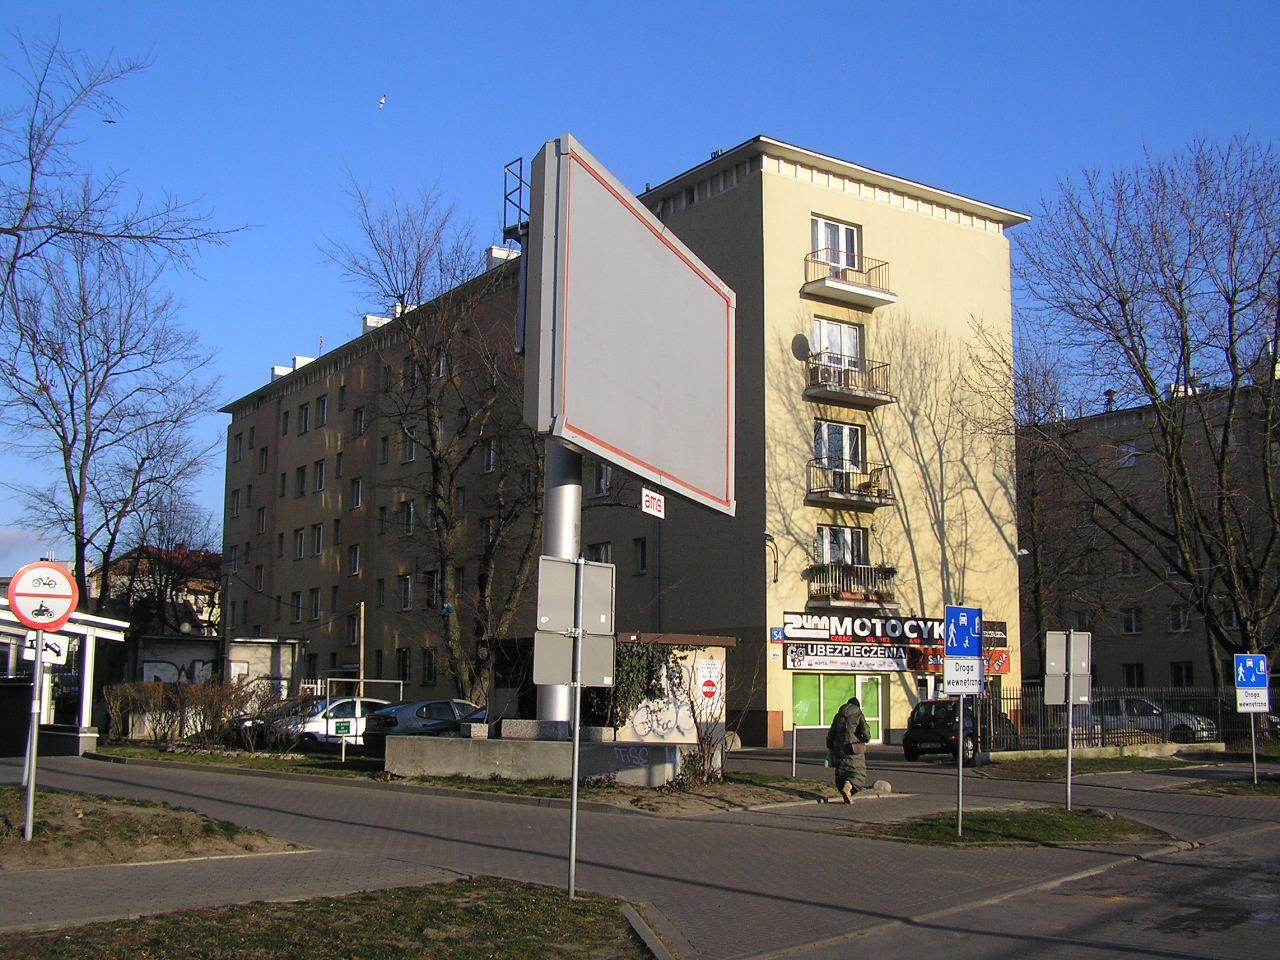 Budynek przy ulicy Grochowskiej 54 na Grochowie